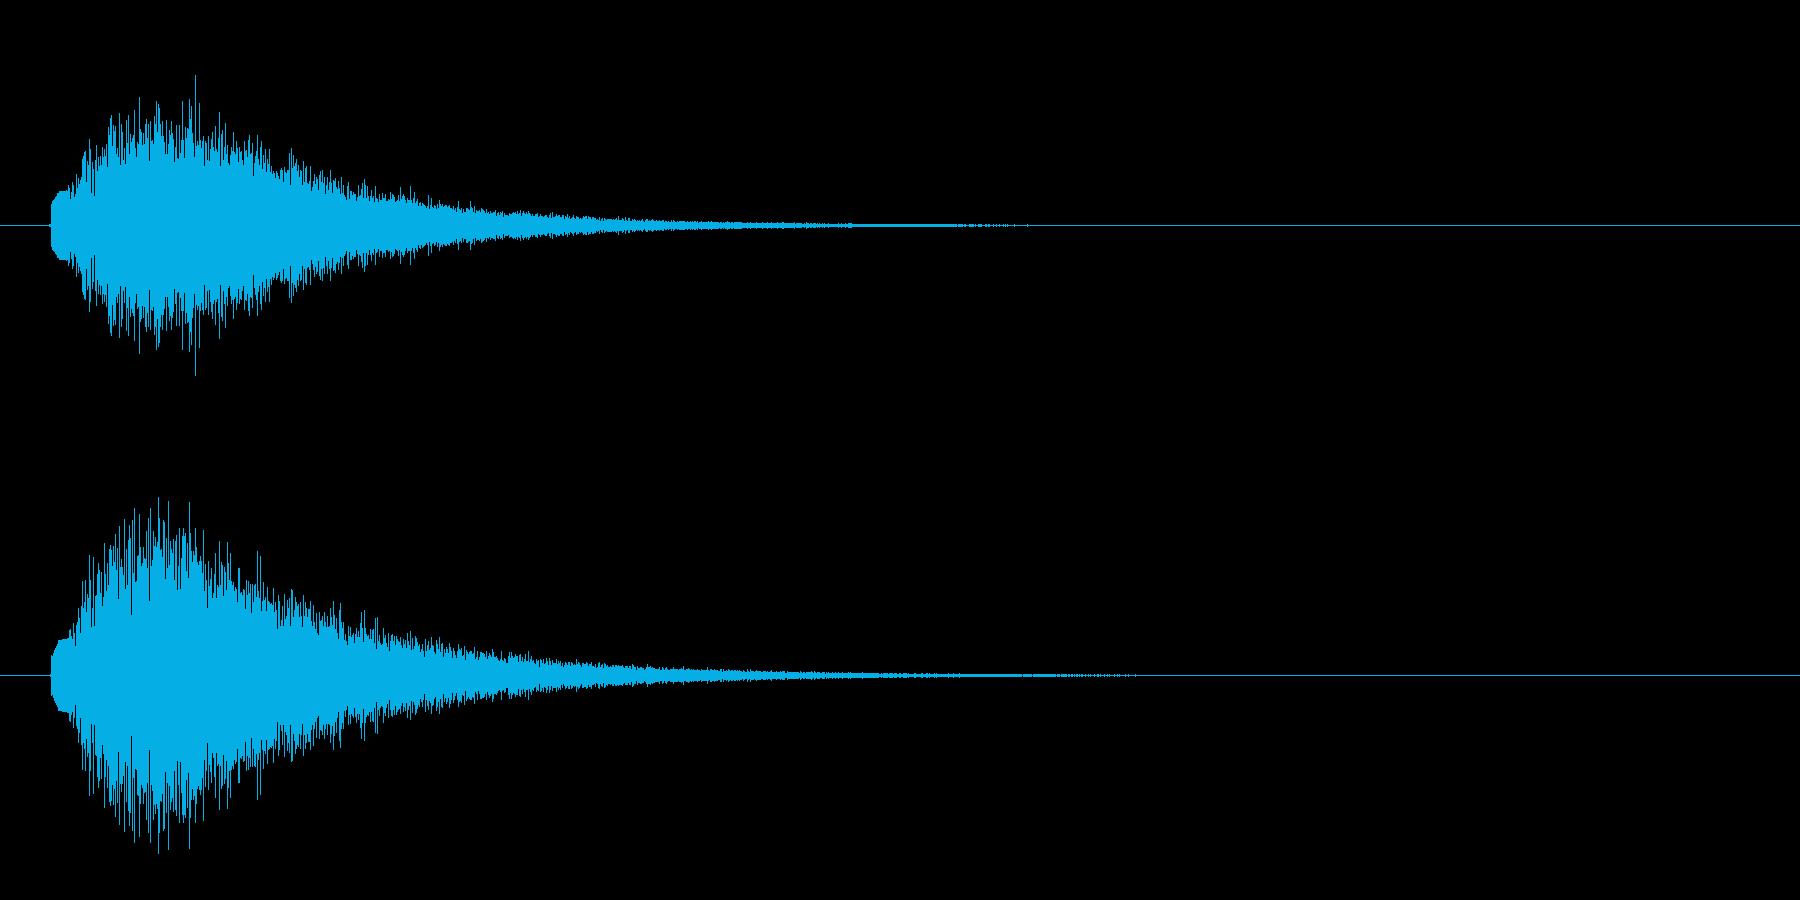 キラキラと魔法をかけるような音の再生済みの波形